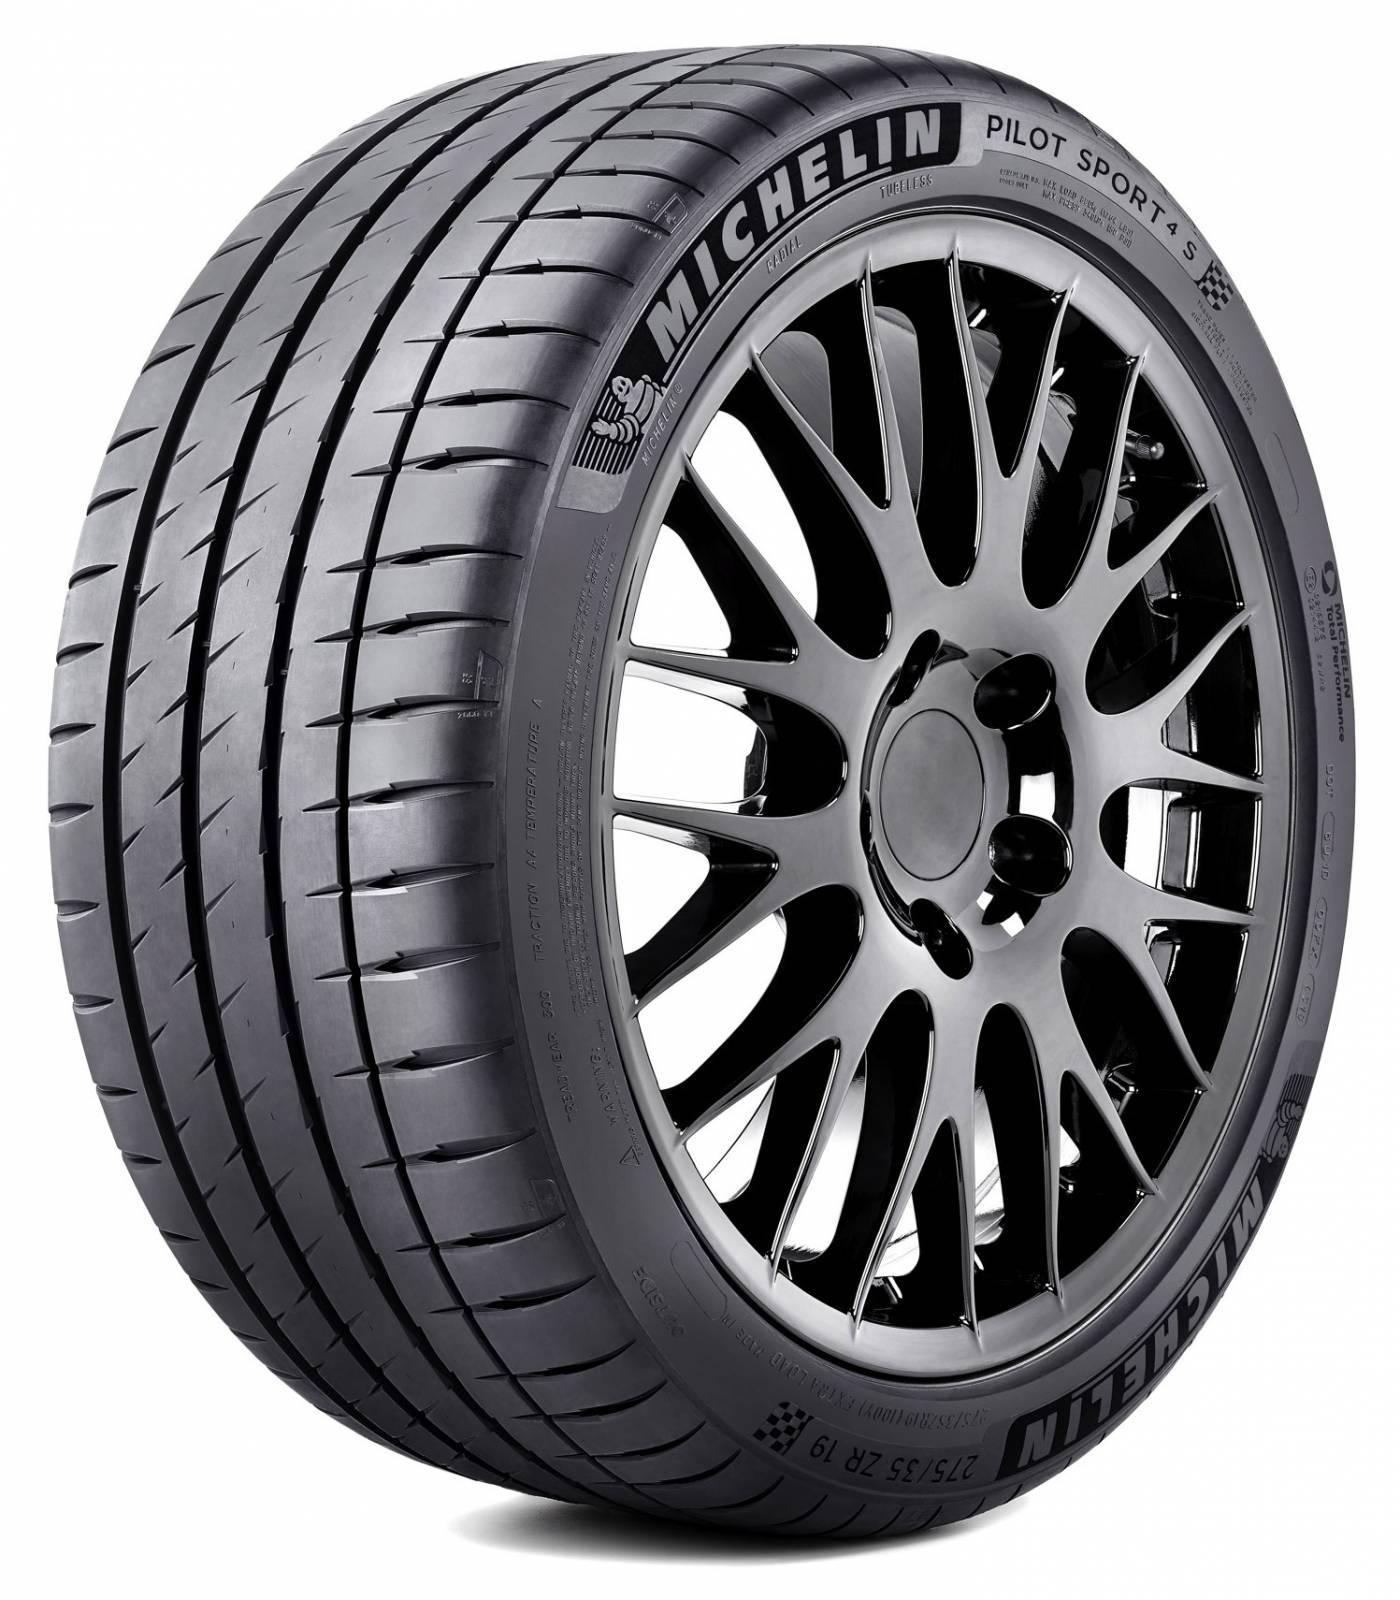 Pneu Michelin Pilot Sport 4 S 225/45 R19 96Y - ATS Pneus